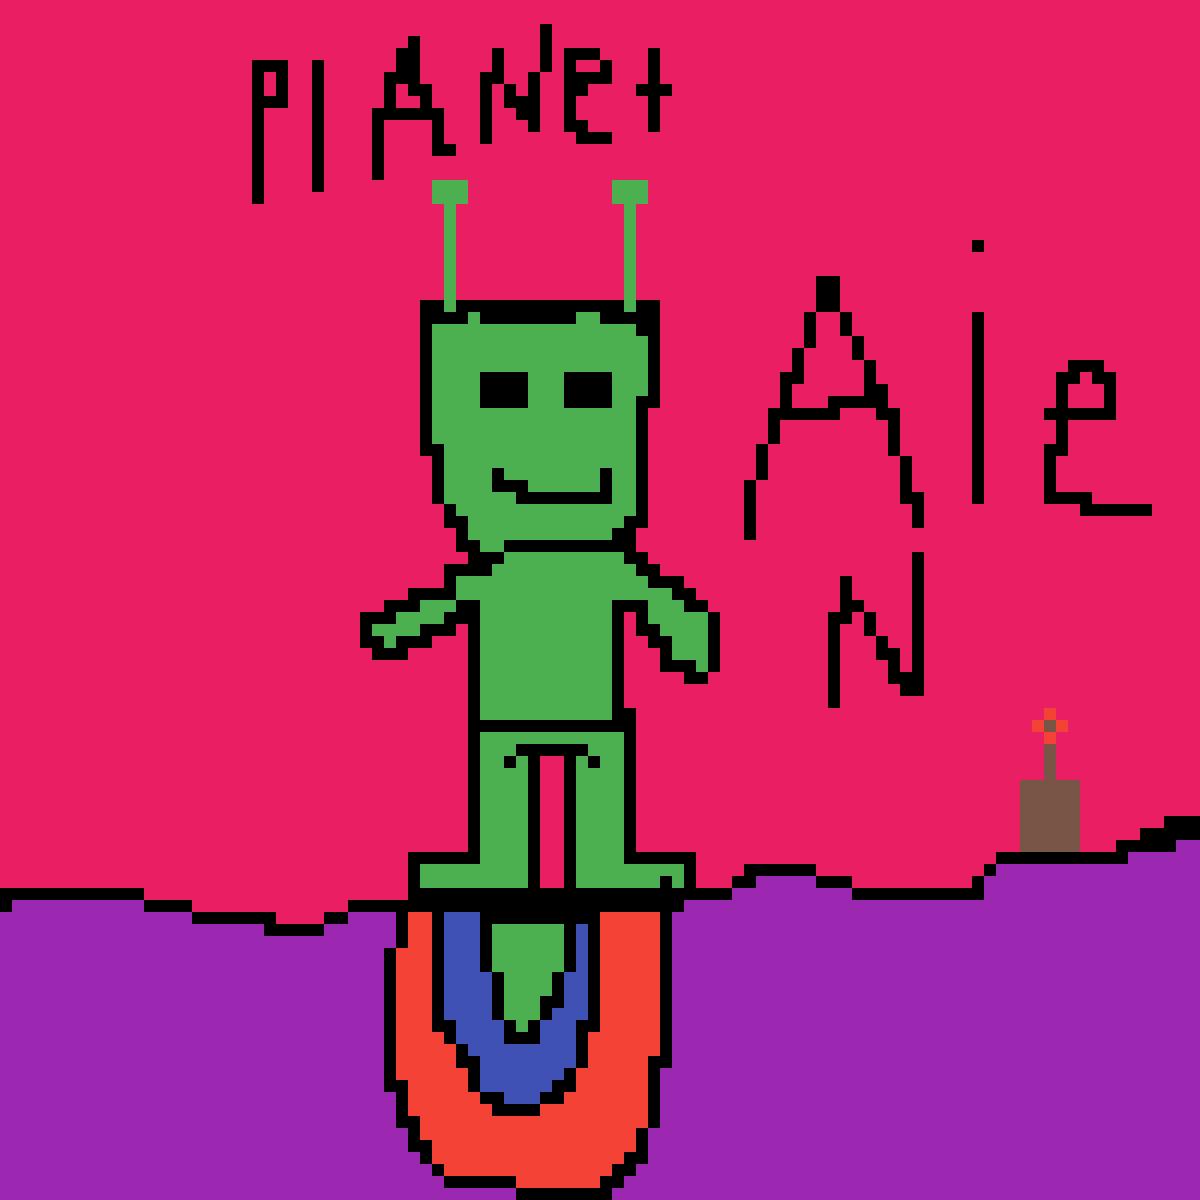 ALIEN GUY